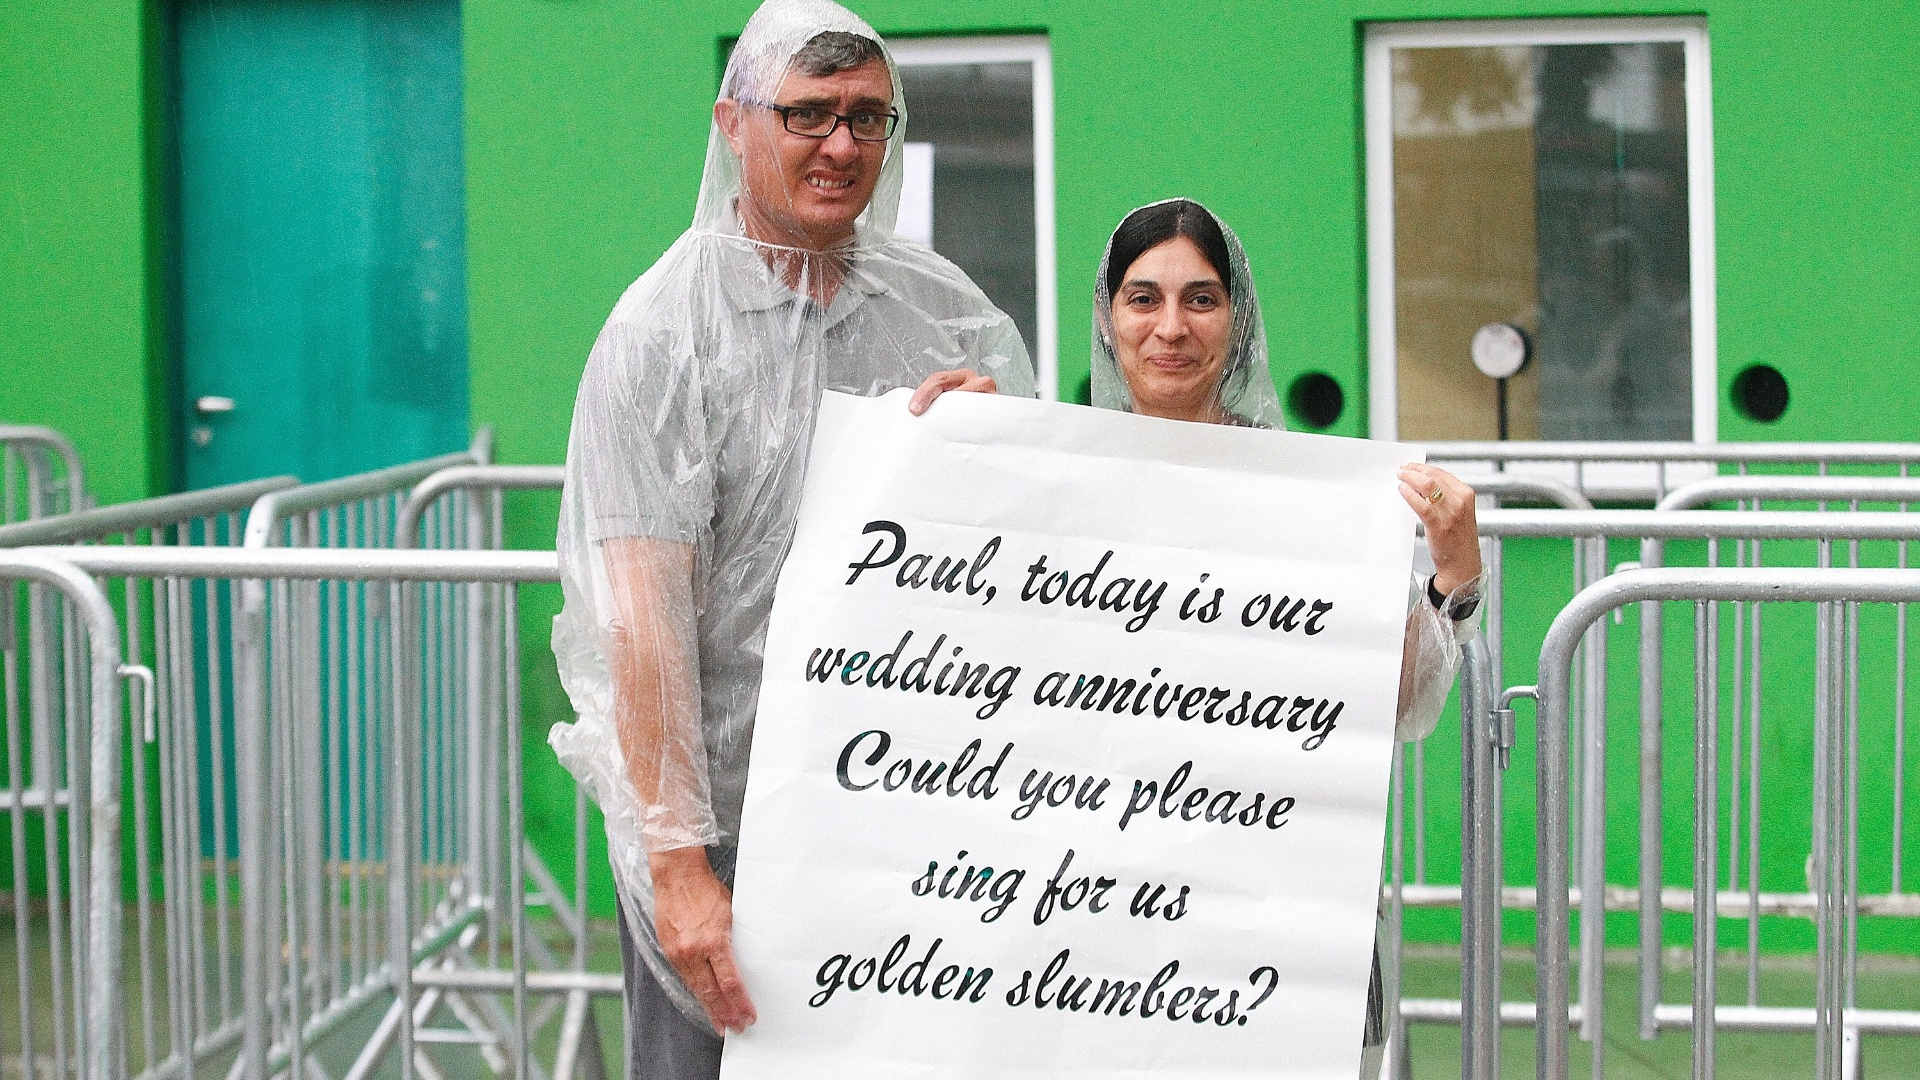 25.nov.2014 - O casal Maurício e Suzana Granjeiro comemora nesta terça (25) o aniversário de casamento. Saíram de Ibiúna, interior de São Paulo, com uma faixa pedindo a música